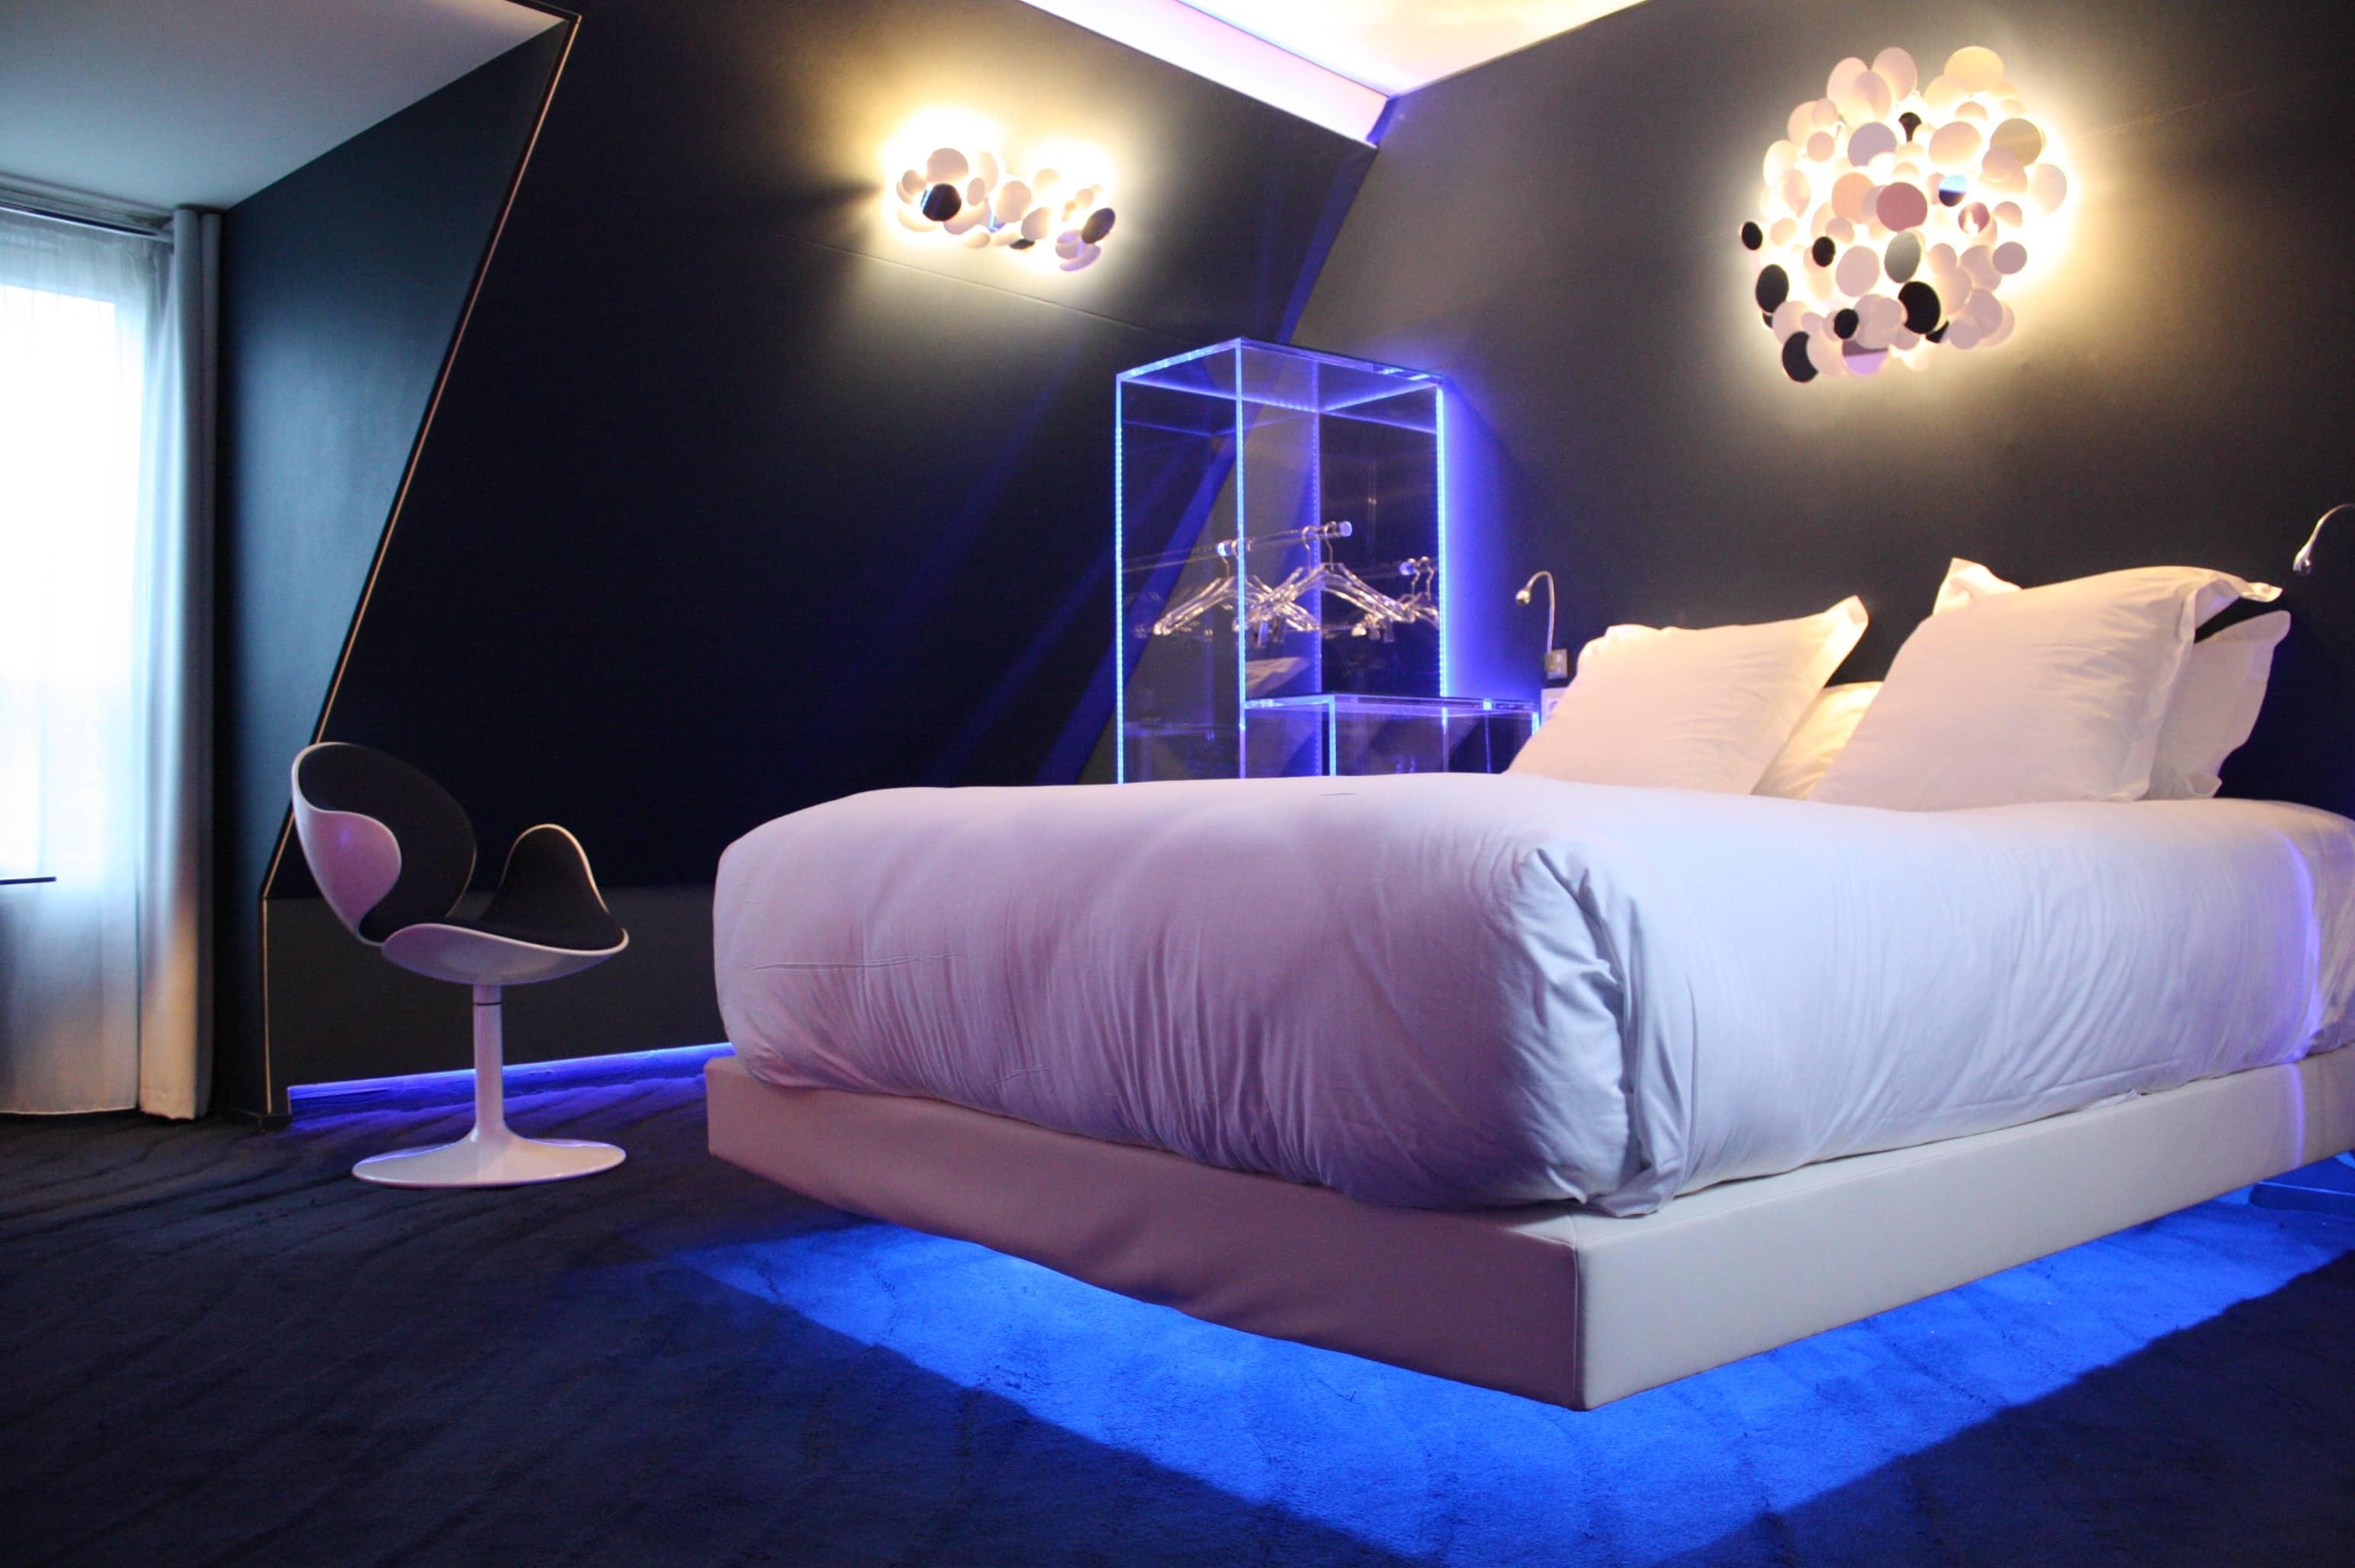 le seven hotel une exp rience l vitation en plein c ur de paris two french explorers. Black Bedroom Furniture Sets. Home Design Ideas